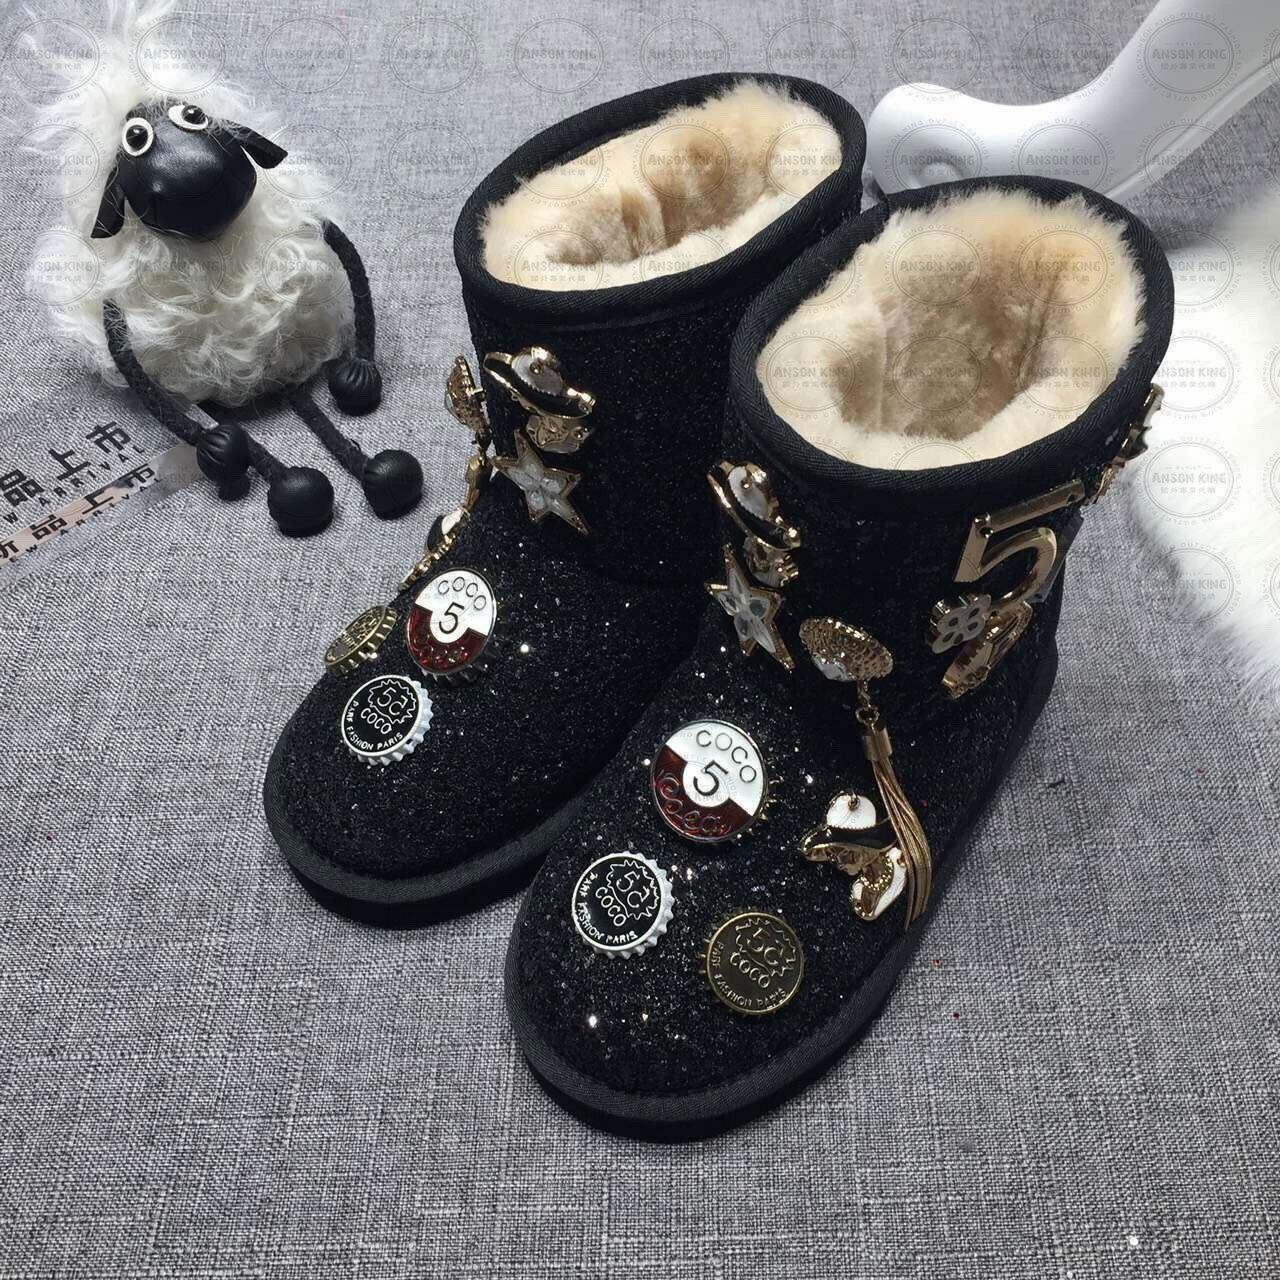 OUTLET正品代購 澳洲 UGG 聖誕款徽章 兒童雪靴 中長靴 保暖 真皮羊皮毛 雪靴 短靴 黑色 0